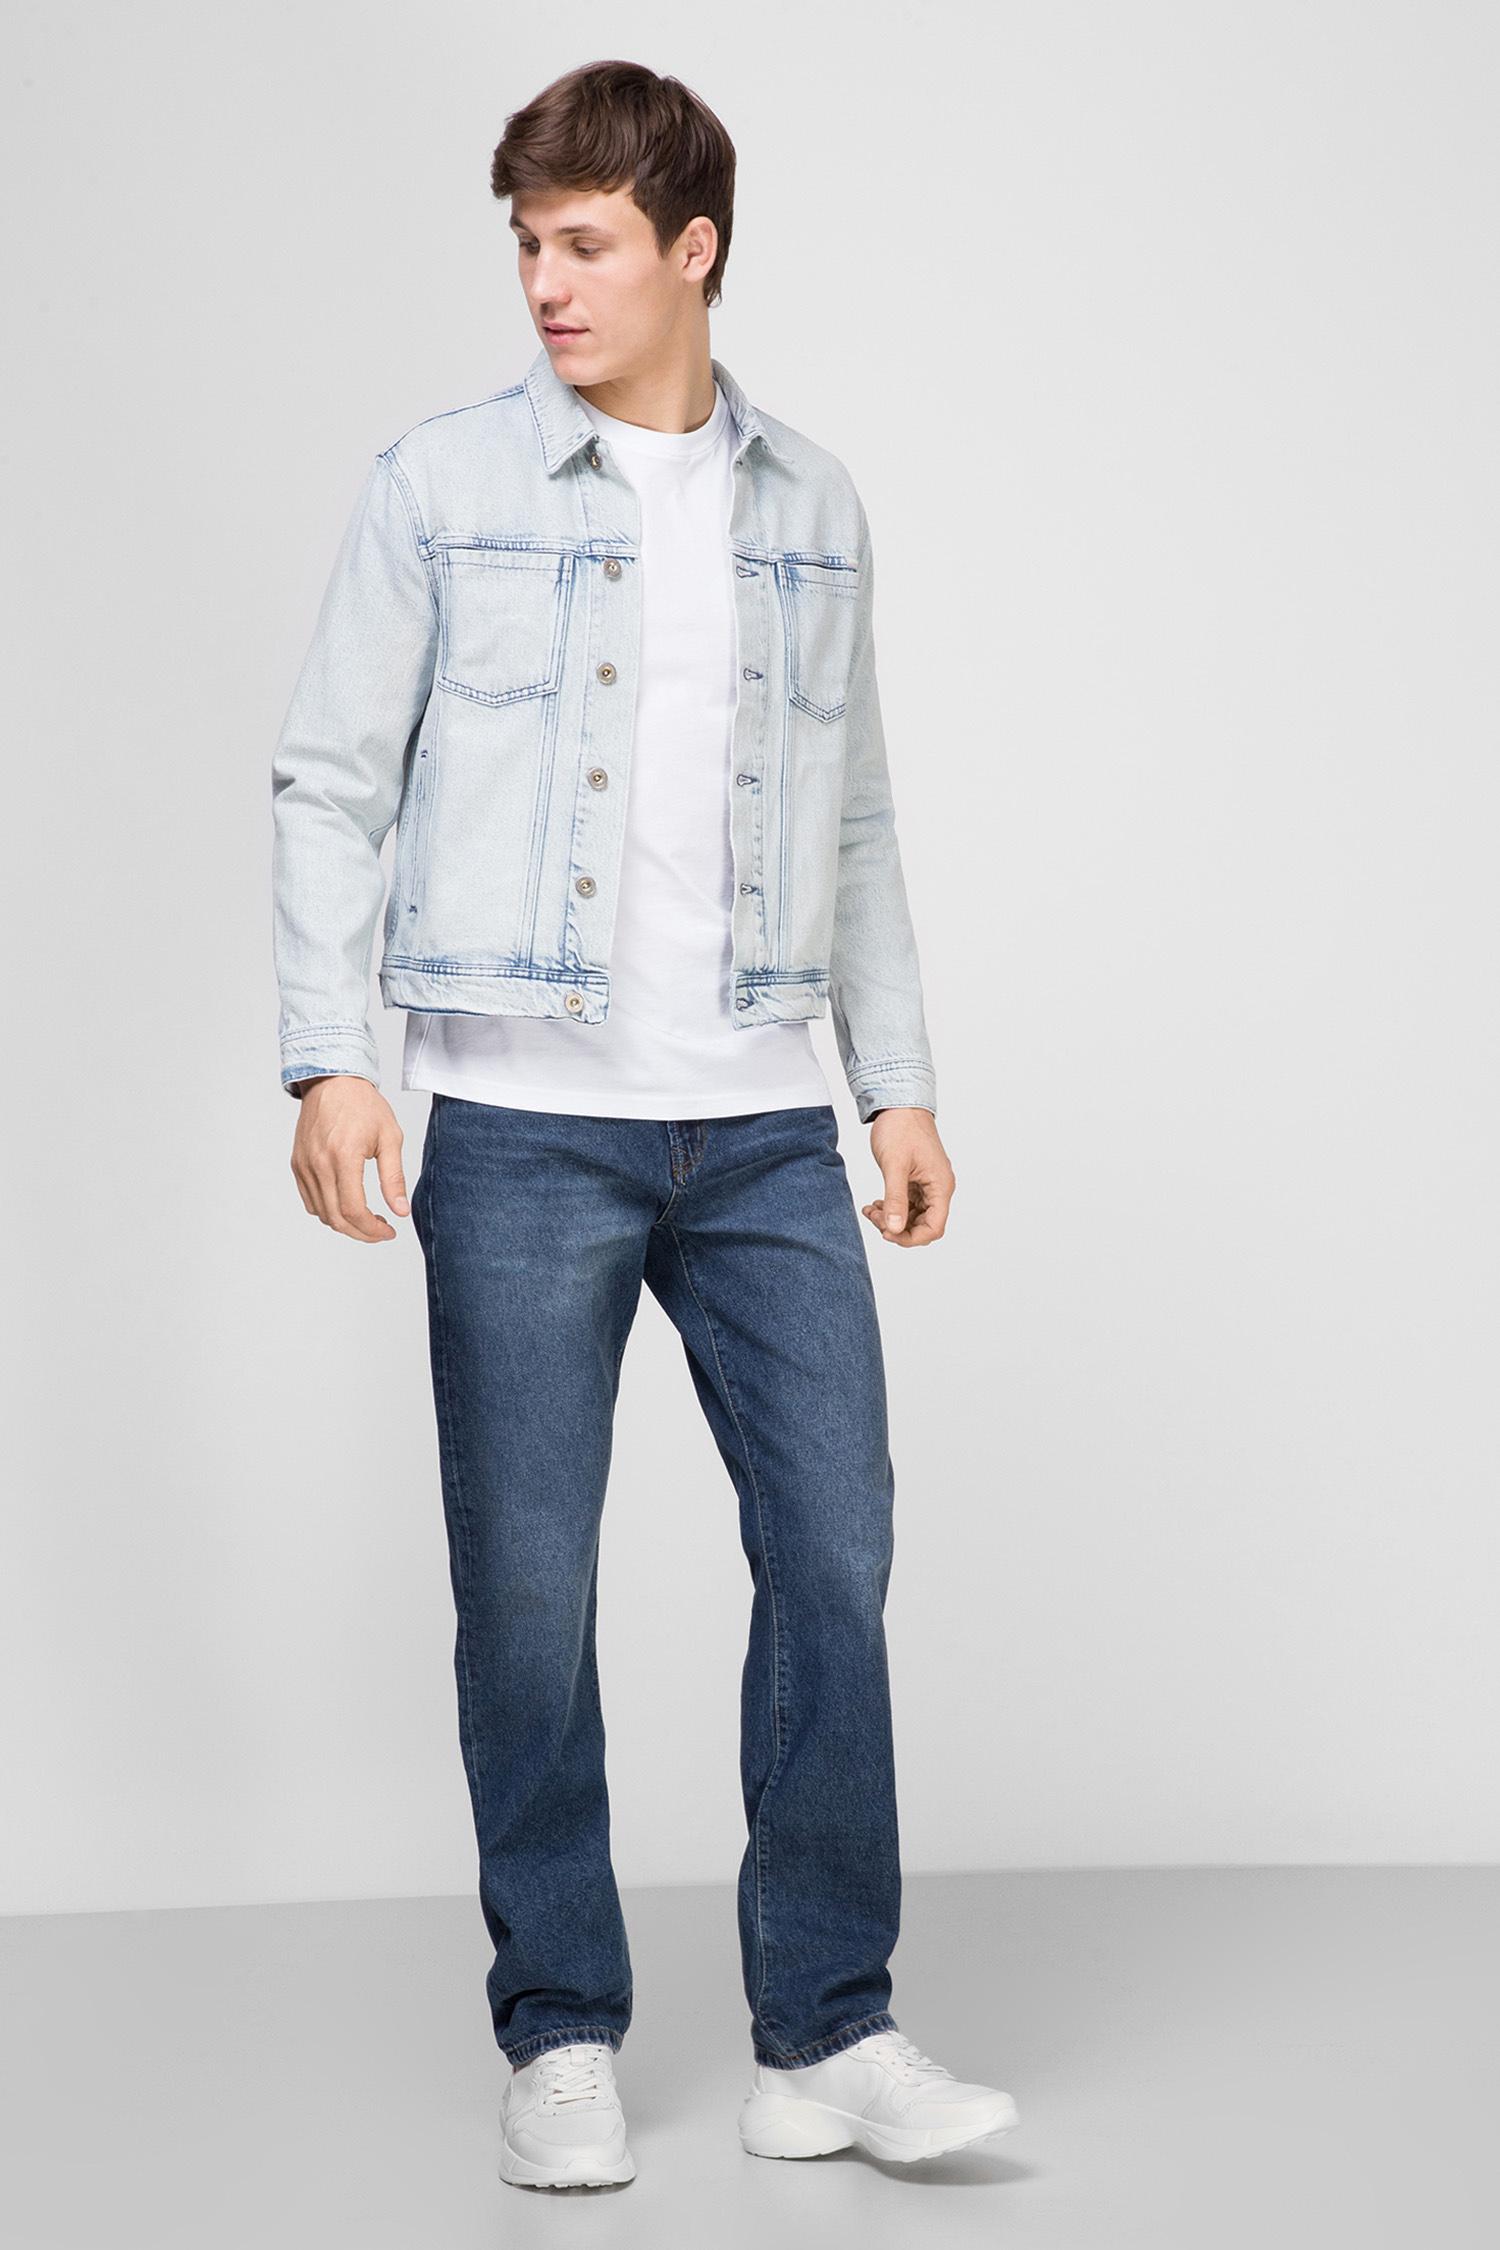 Мужские синие джинсы Ethan Heritage 06 SuperDry M7010018A;06L